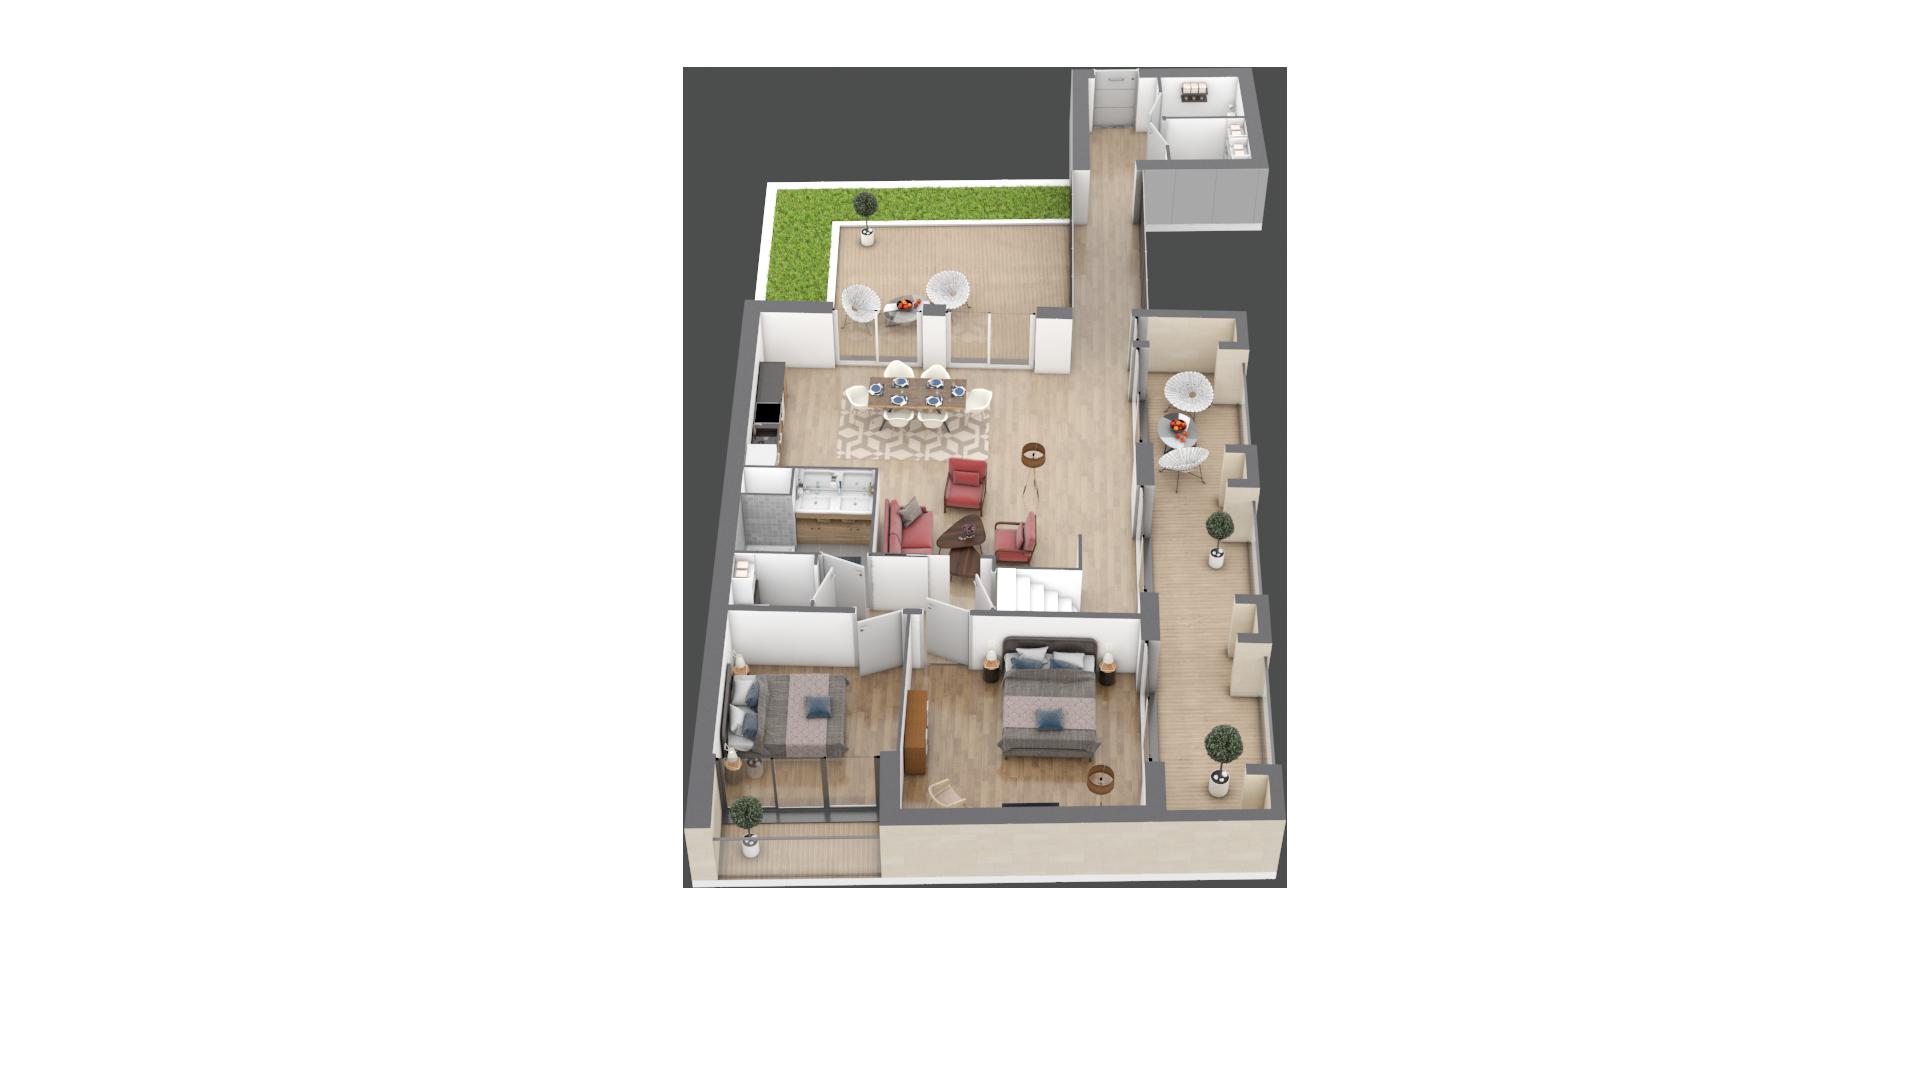 appartement A401 de type T6